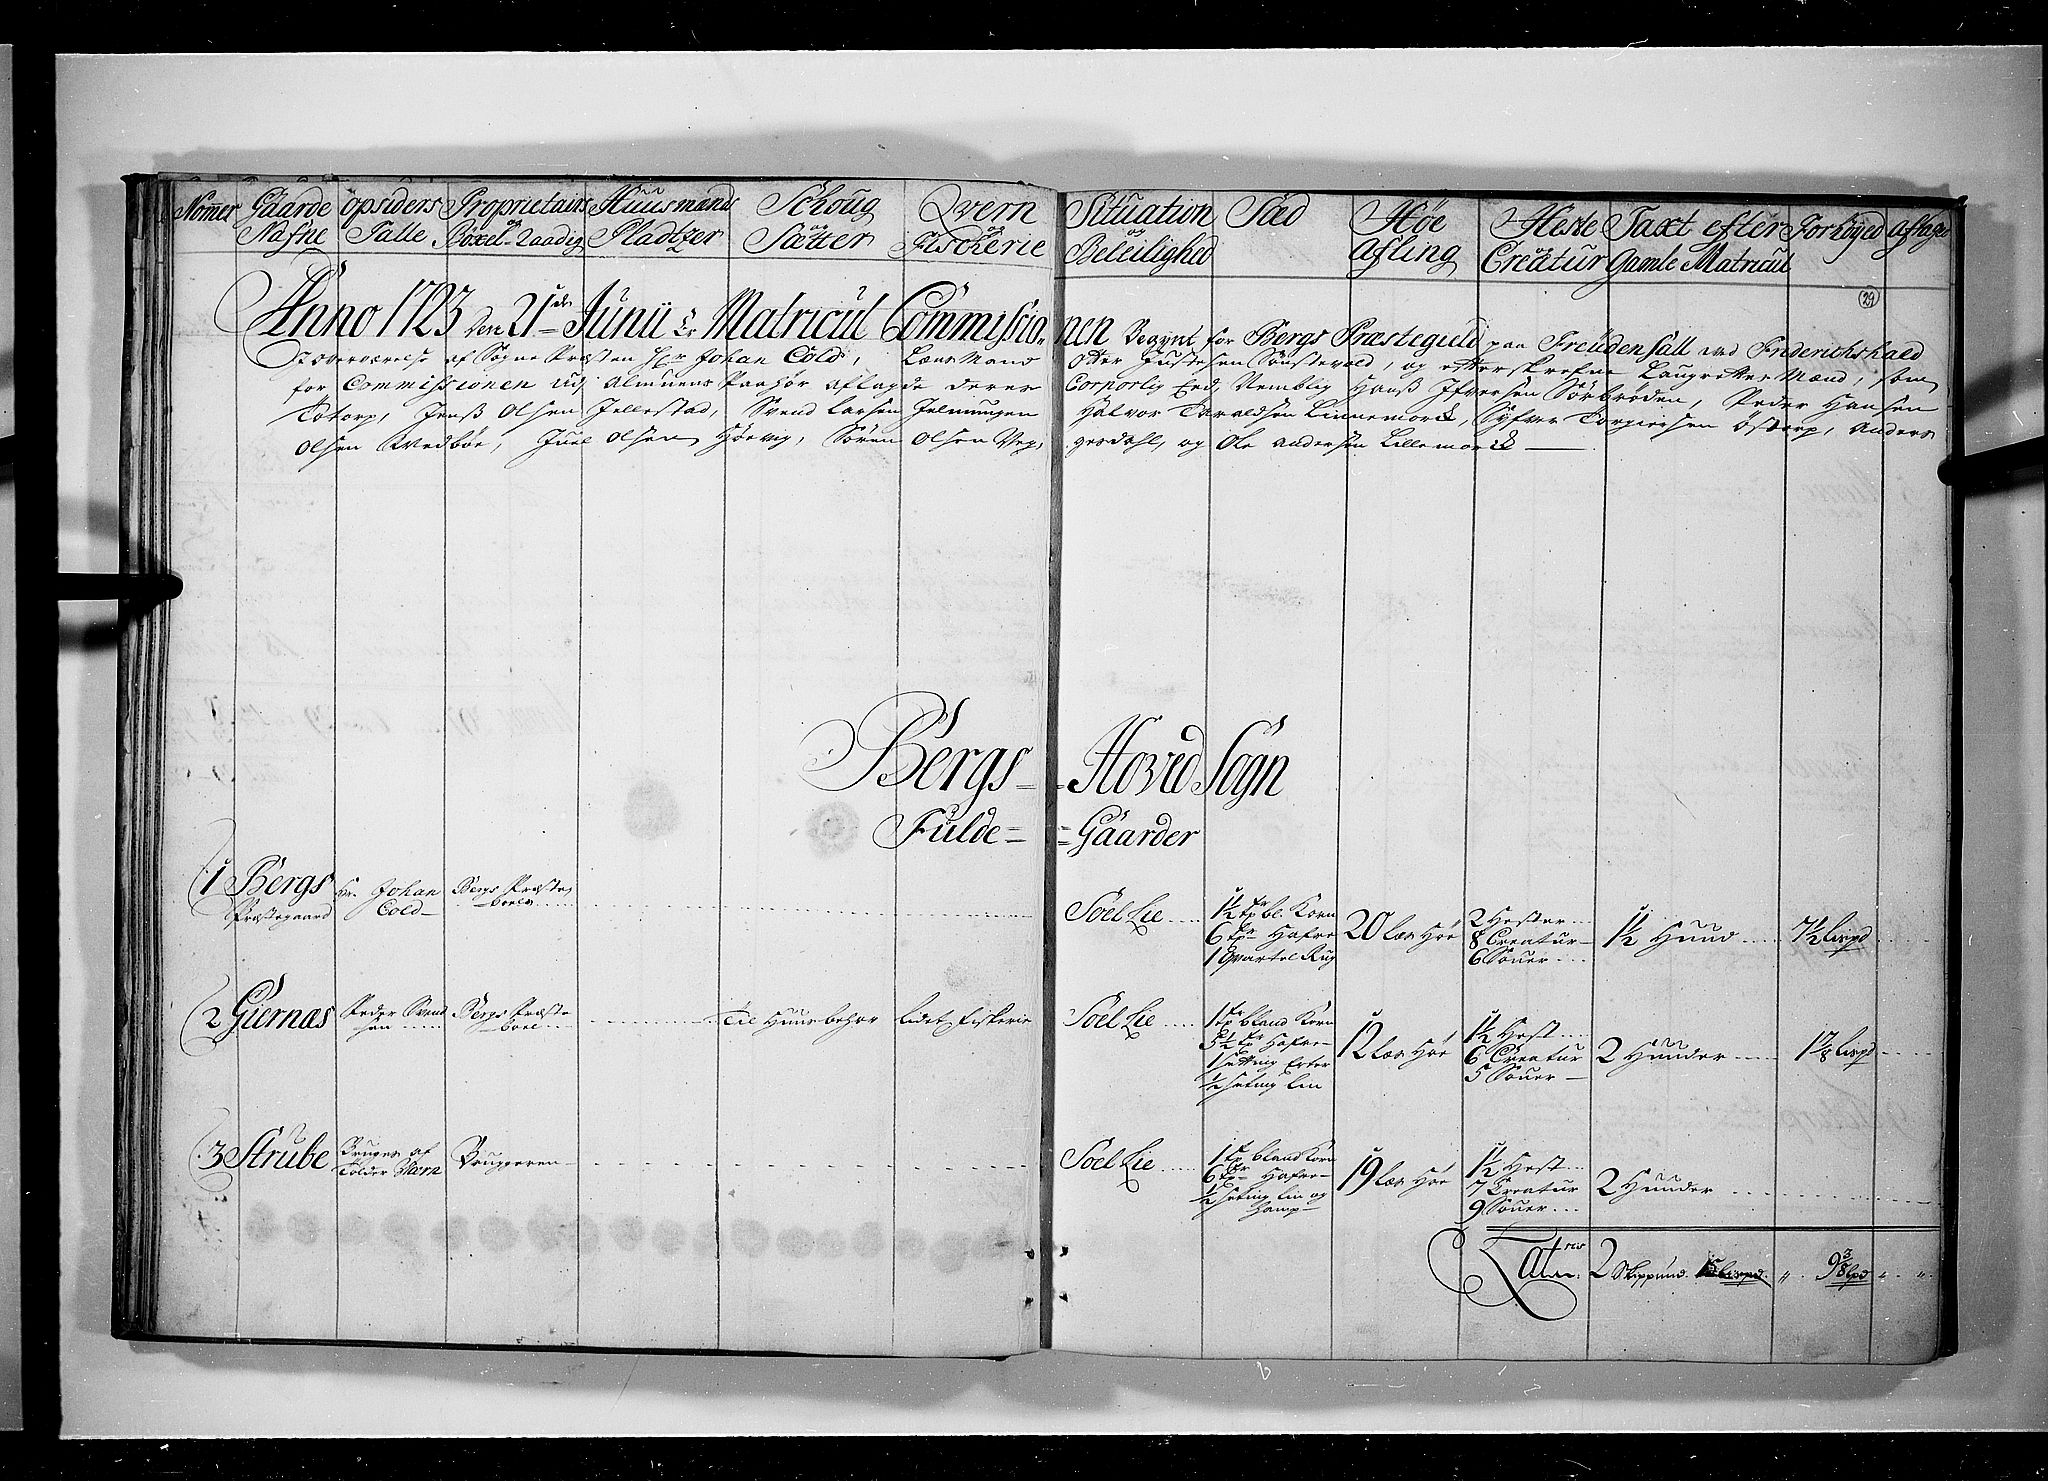 RA, Rentekammeret inntil 1814, Realistisk ordnet avdeling, N/Nb/Nbf/L0097: Idd og Marker eksaminasjonsprotokoll, 1723, s. 28b-29a